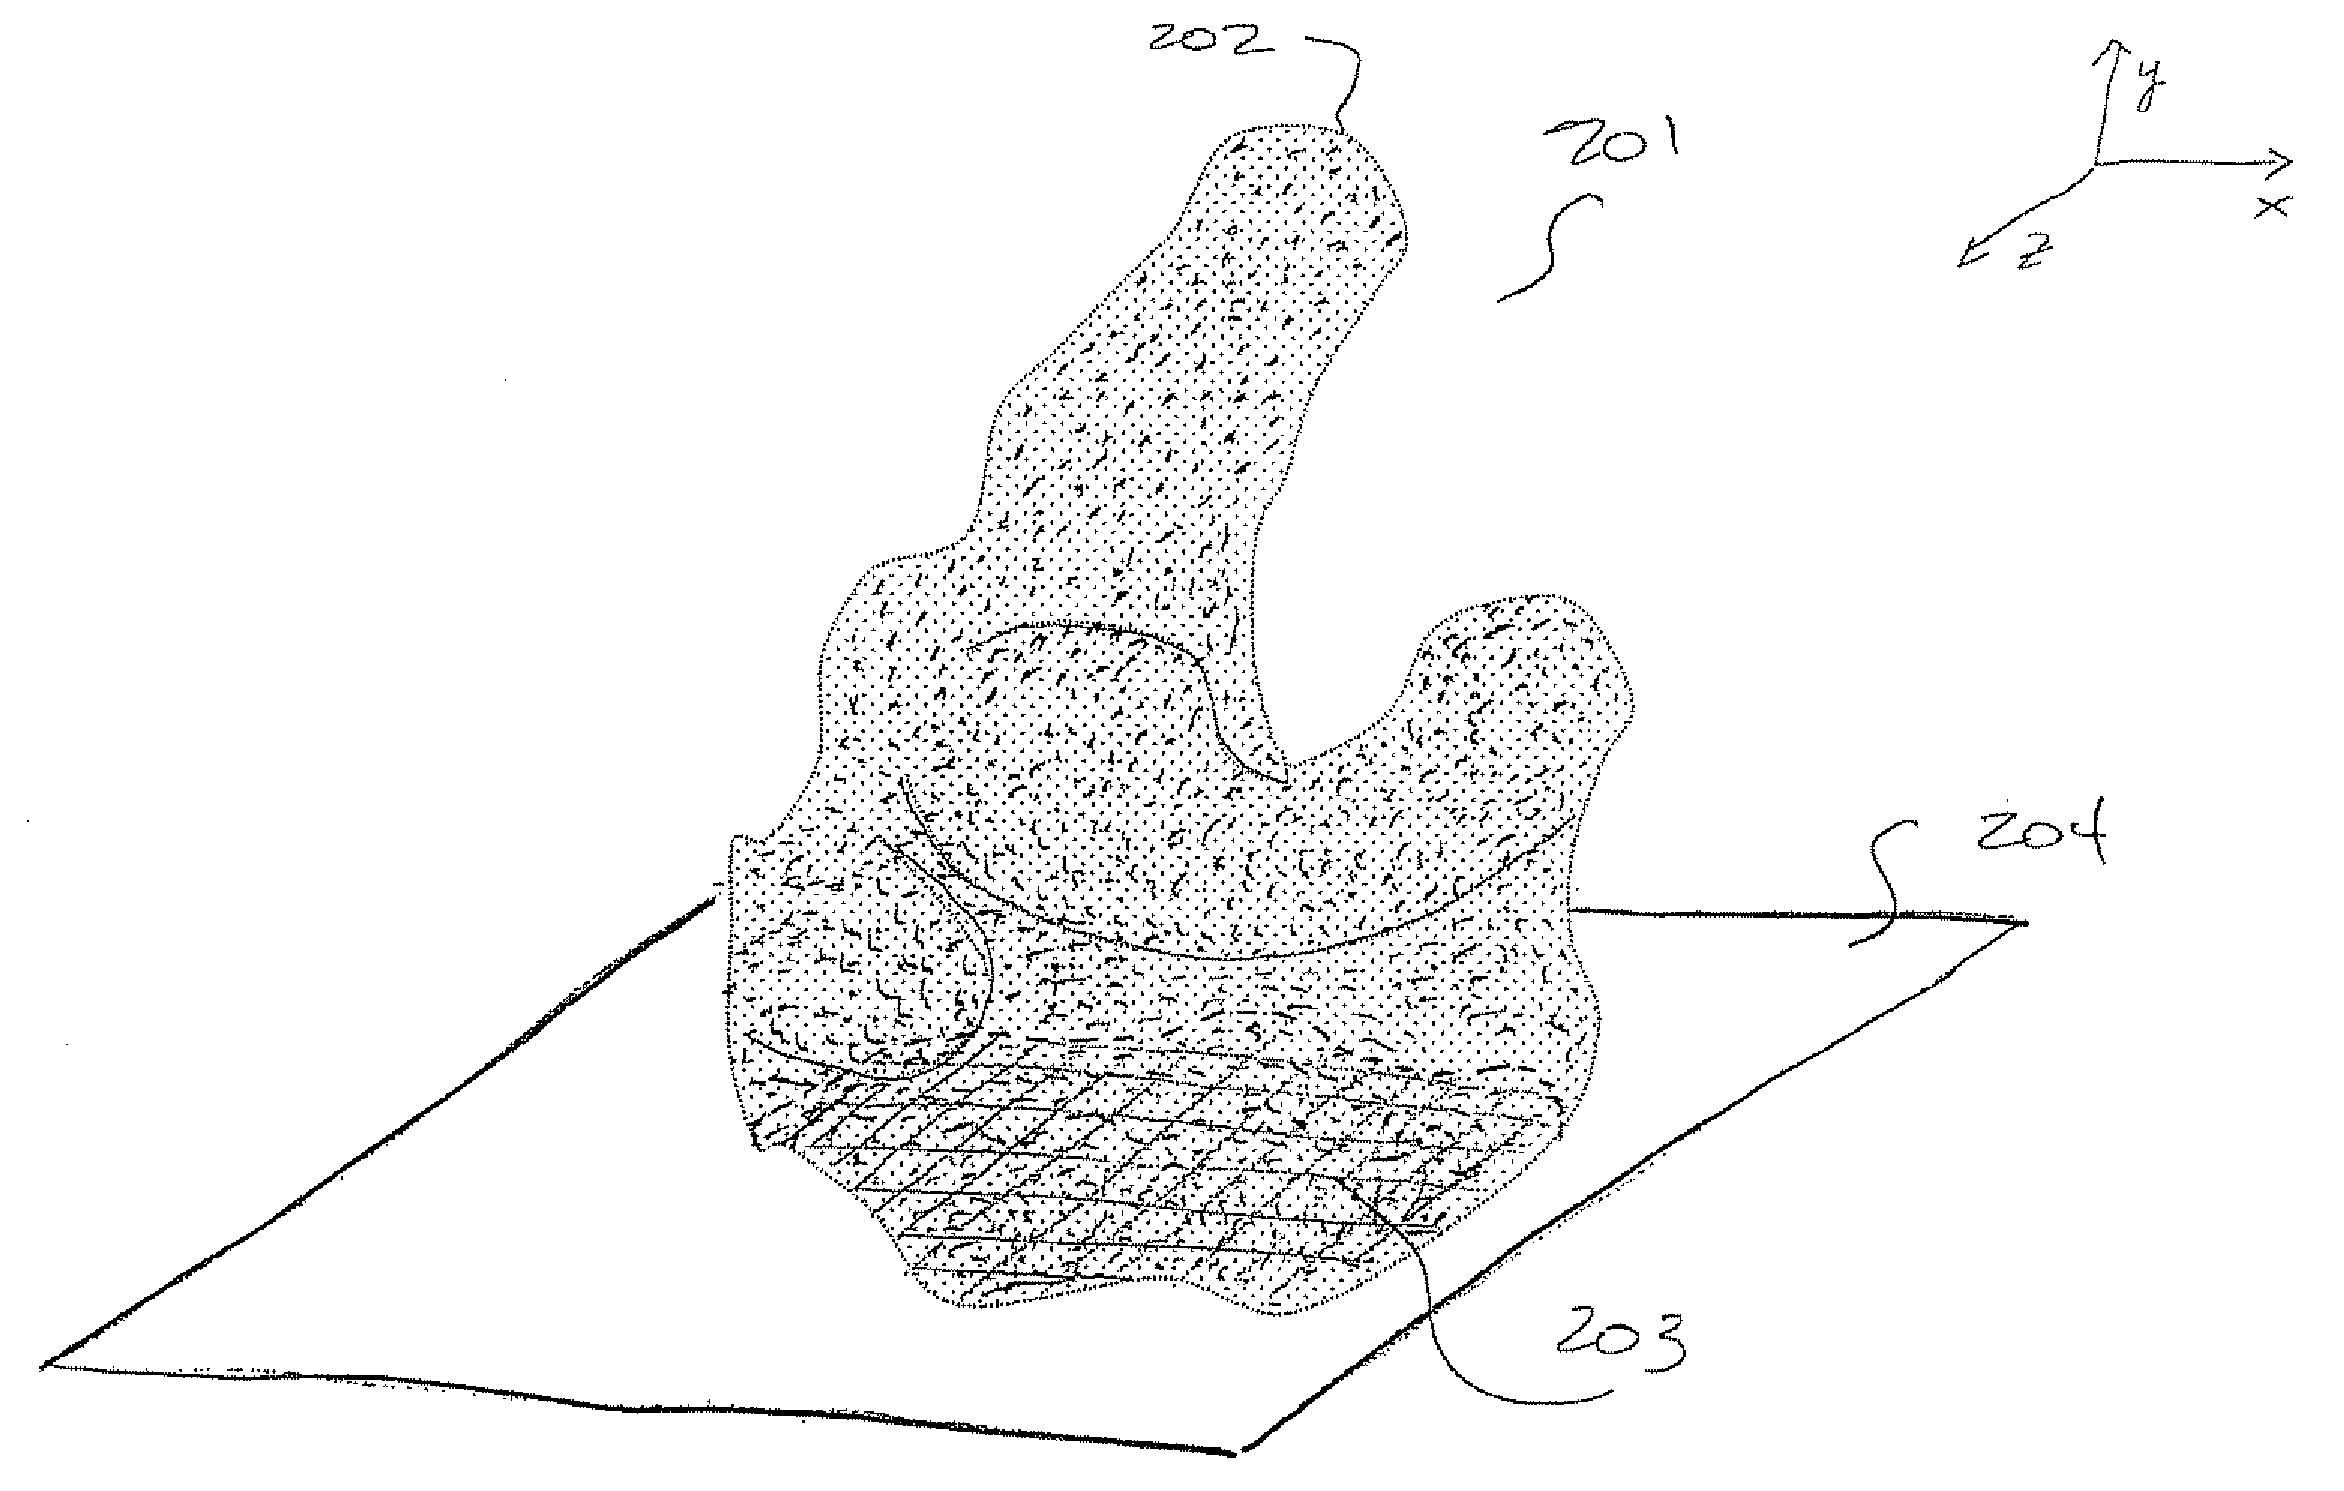 Bresenham Line Drawing Algorithm Advantages Over Dda : Contour line drawing algorithm cnc milling survey